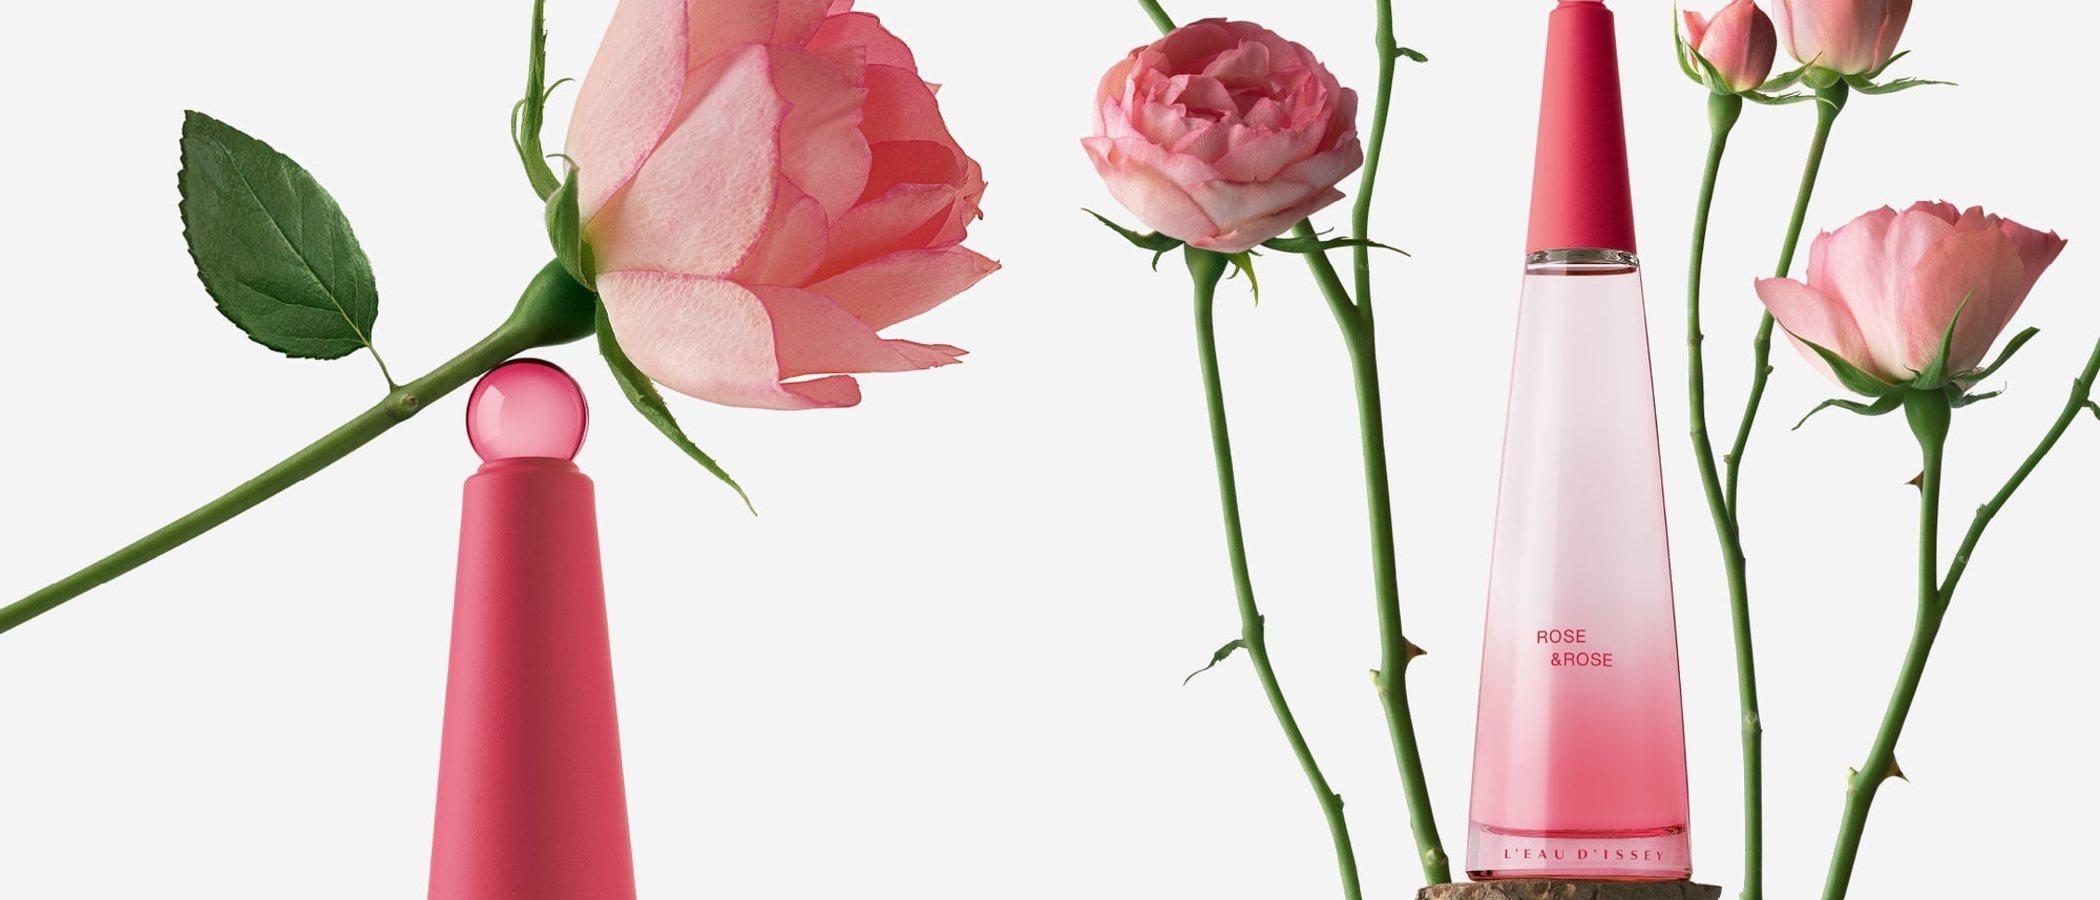 Issey Miyake lanza dos nuevas fragancias que abren un camino hacia la interioridad y las raíces